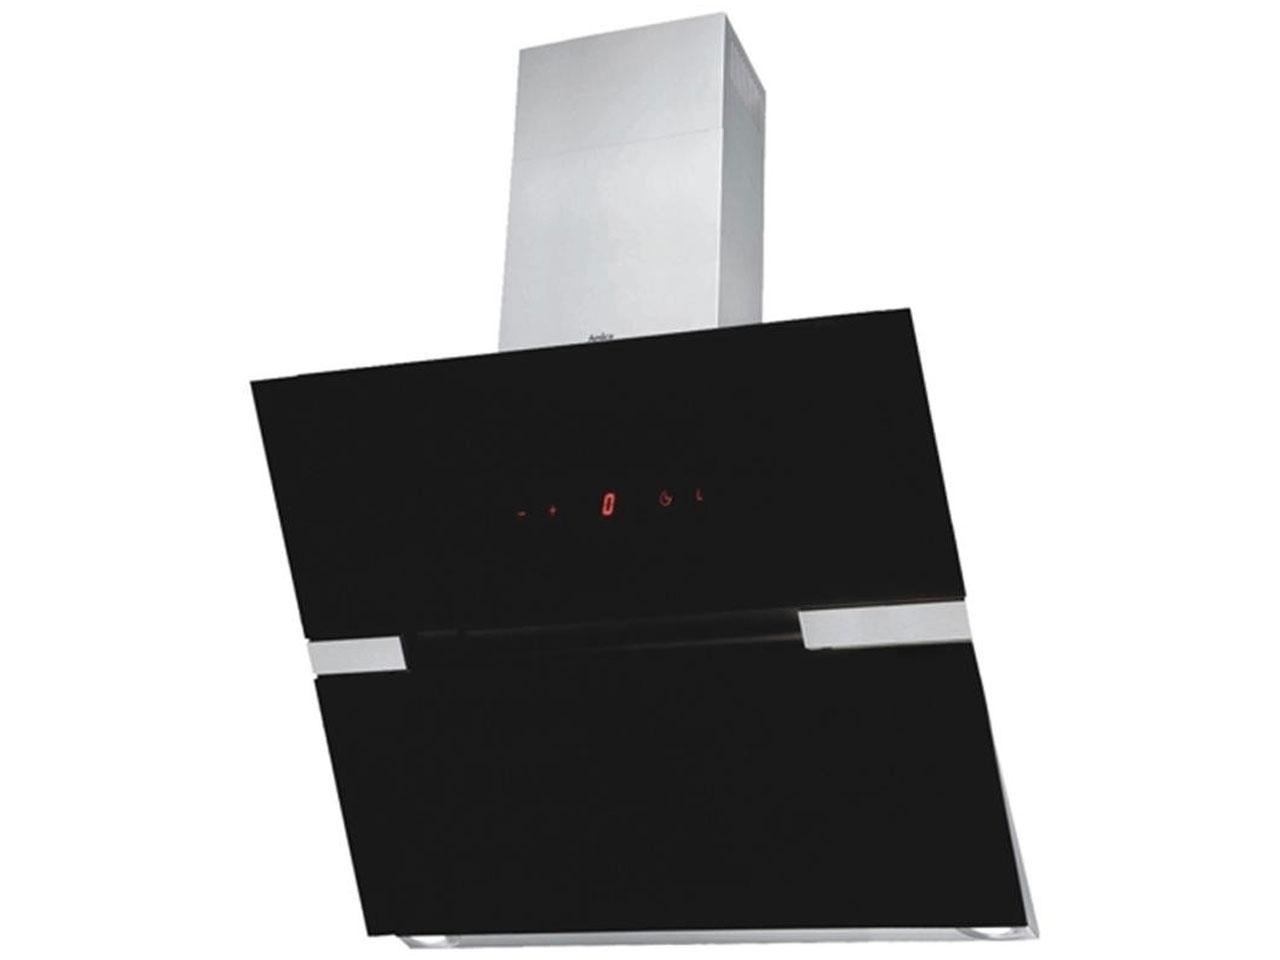 Odstavač par AMICA OKC 951 S + 300 Kč na dárky nebo další nákup | CHAT on-line podpora PO-NE do 23 h